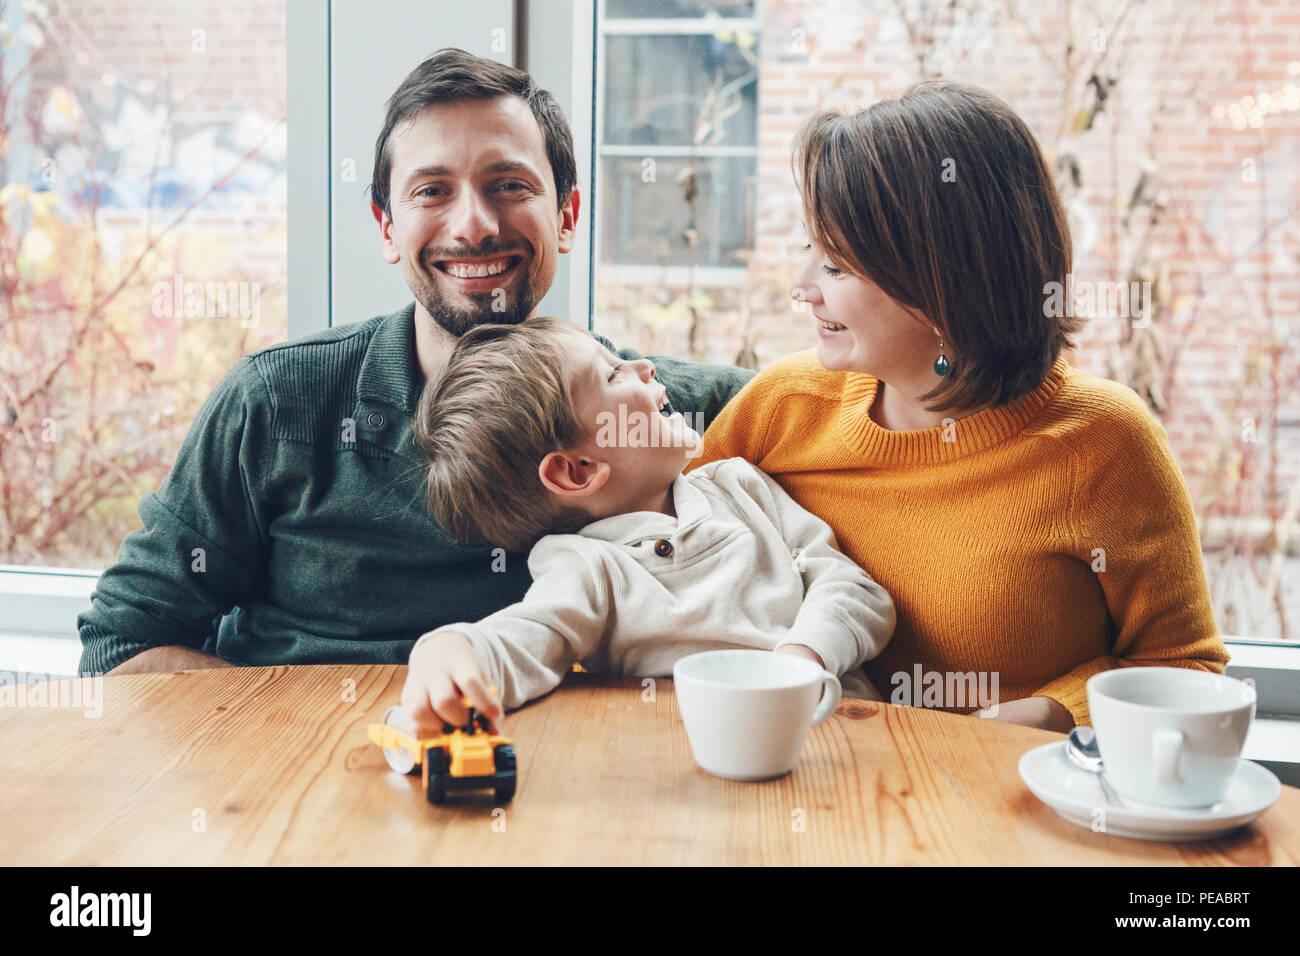 Portrait von weissen Kaukasischen glückliche Familie von drei Mutter, Vater und Sohn, im Restaurant Cafe sitzen am Tisch, lächelnd, authentischen Lebensstil Stockbild